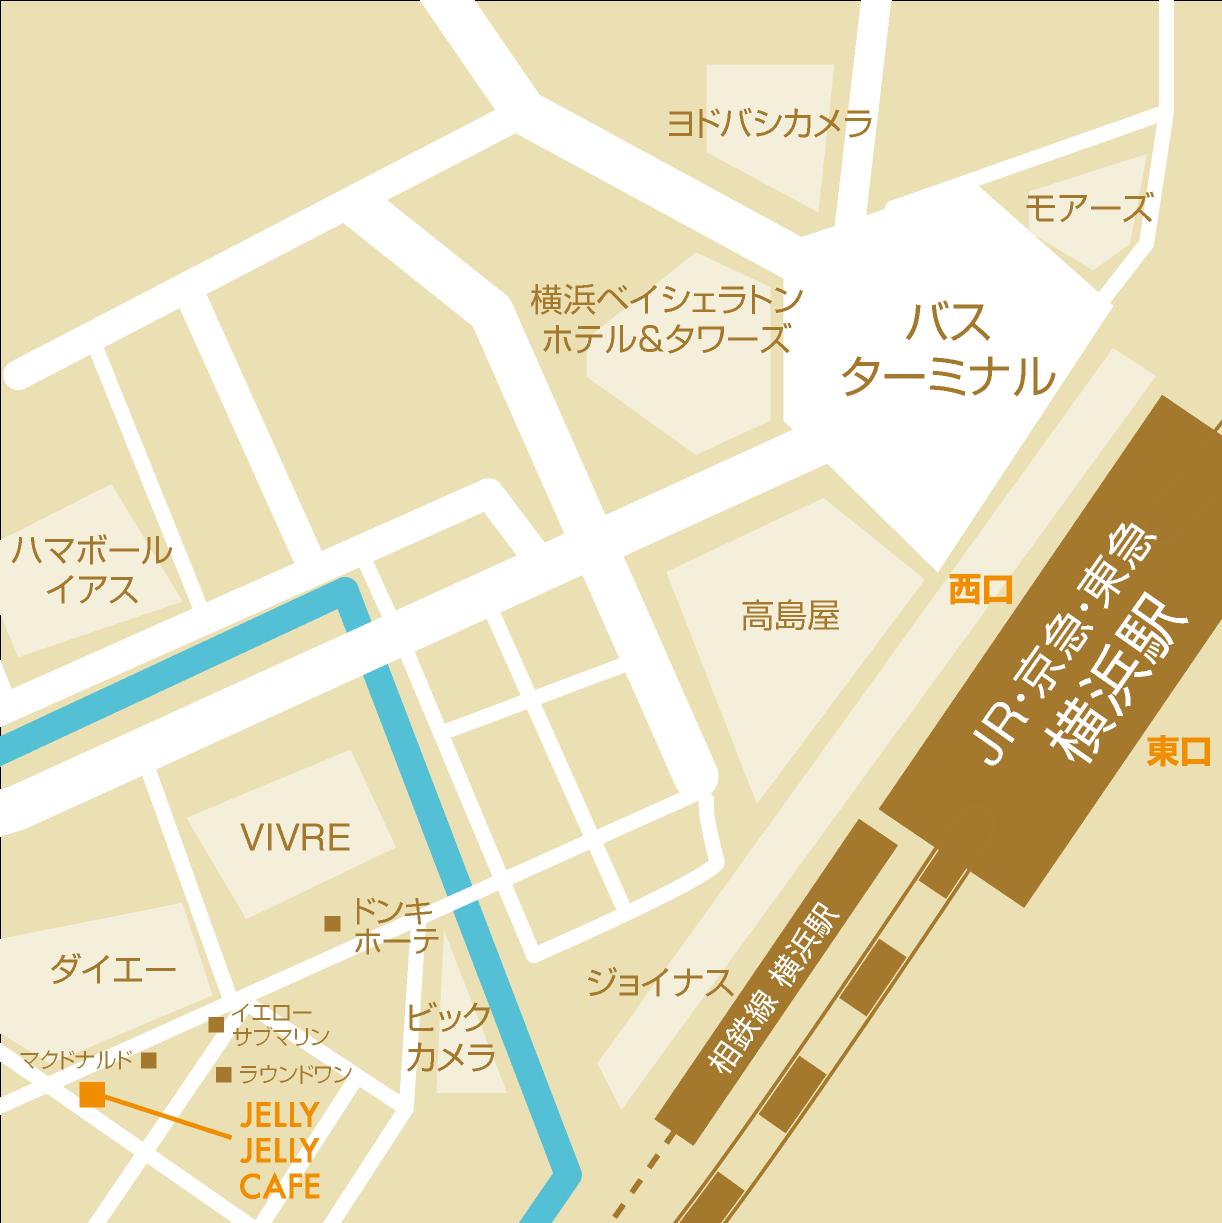 ジェリカフェ横浜店